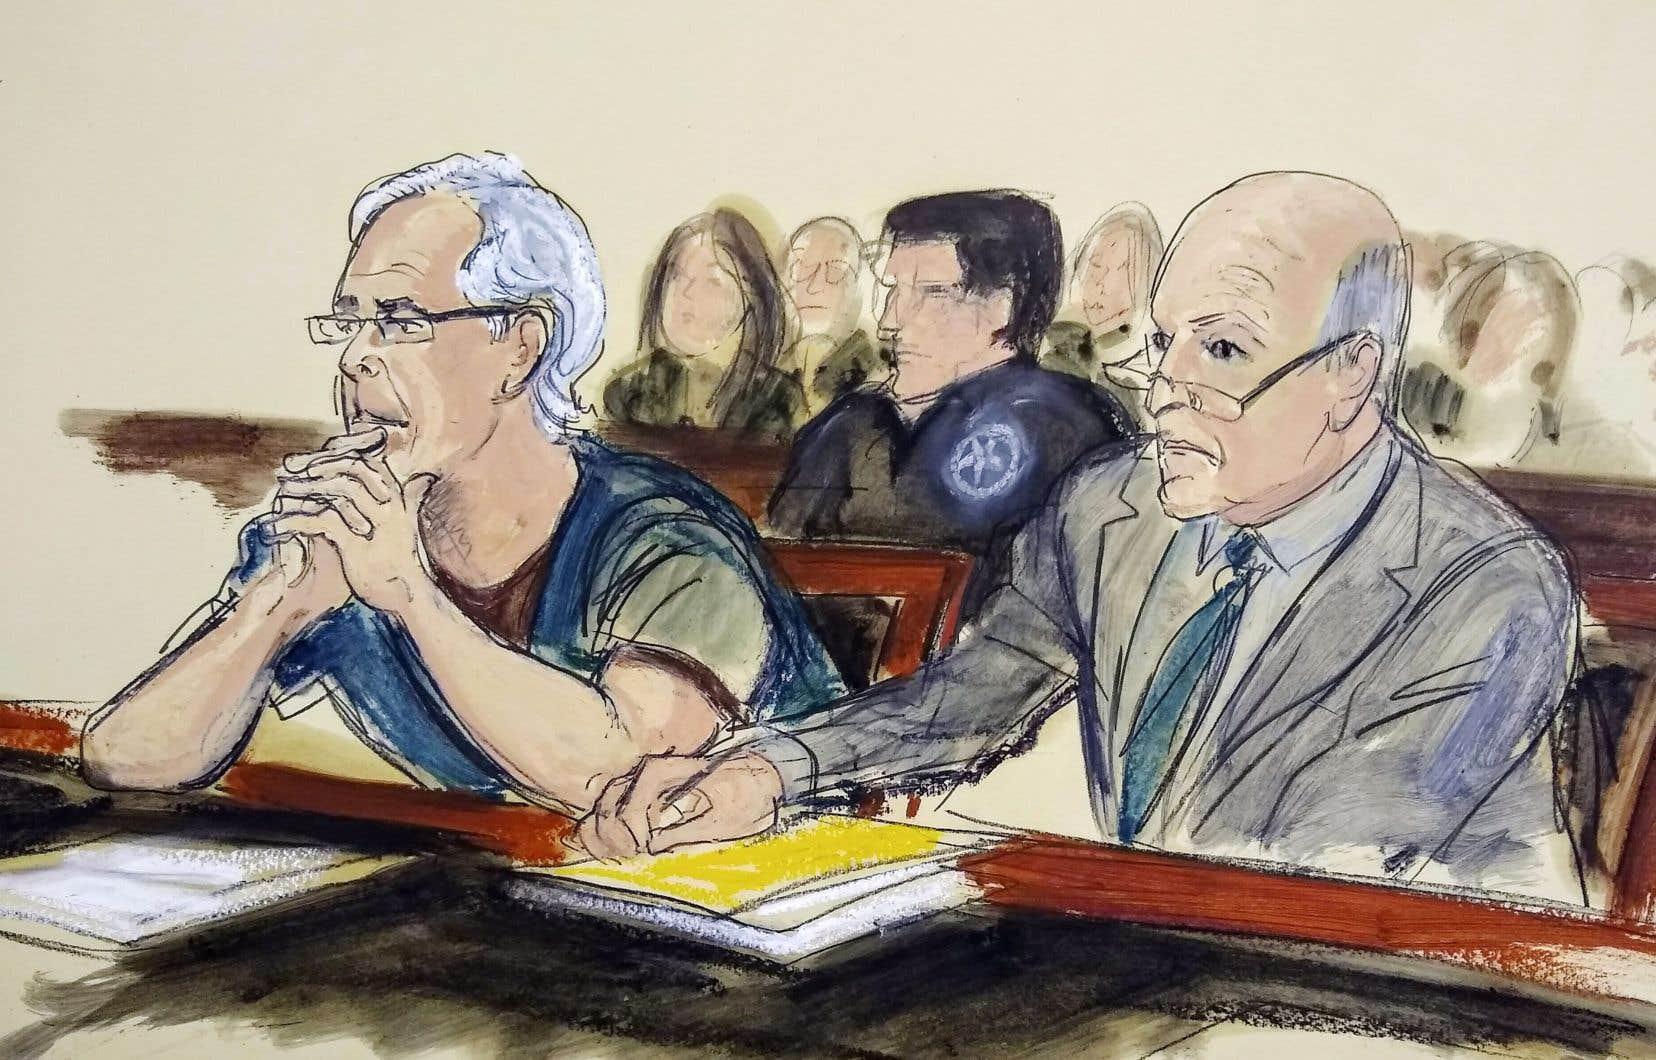 Jeffrey Epstein (à gauche), âgé de 66 ans, s'est suicidé le 10 août dans une prison de New York alors qu'il attendait son procès pour trafic sexuel.